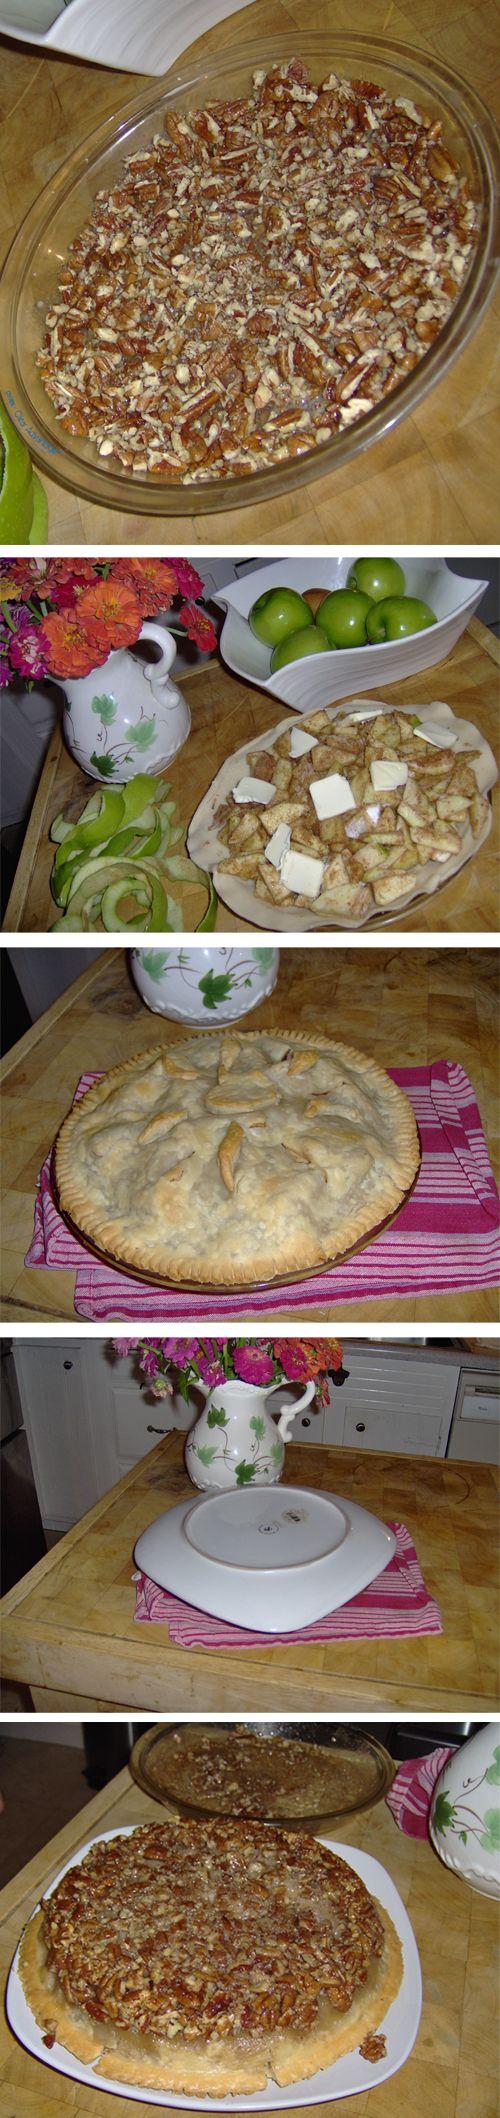 pecan-apple-upside-down-pie | Yummy Desserts | Pinterest